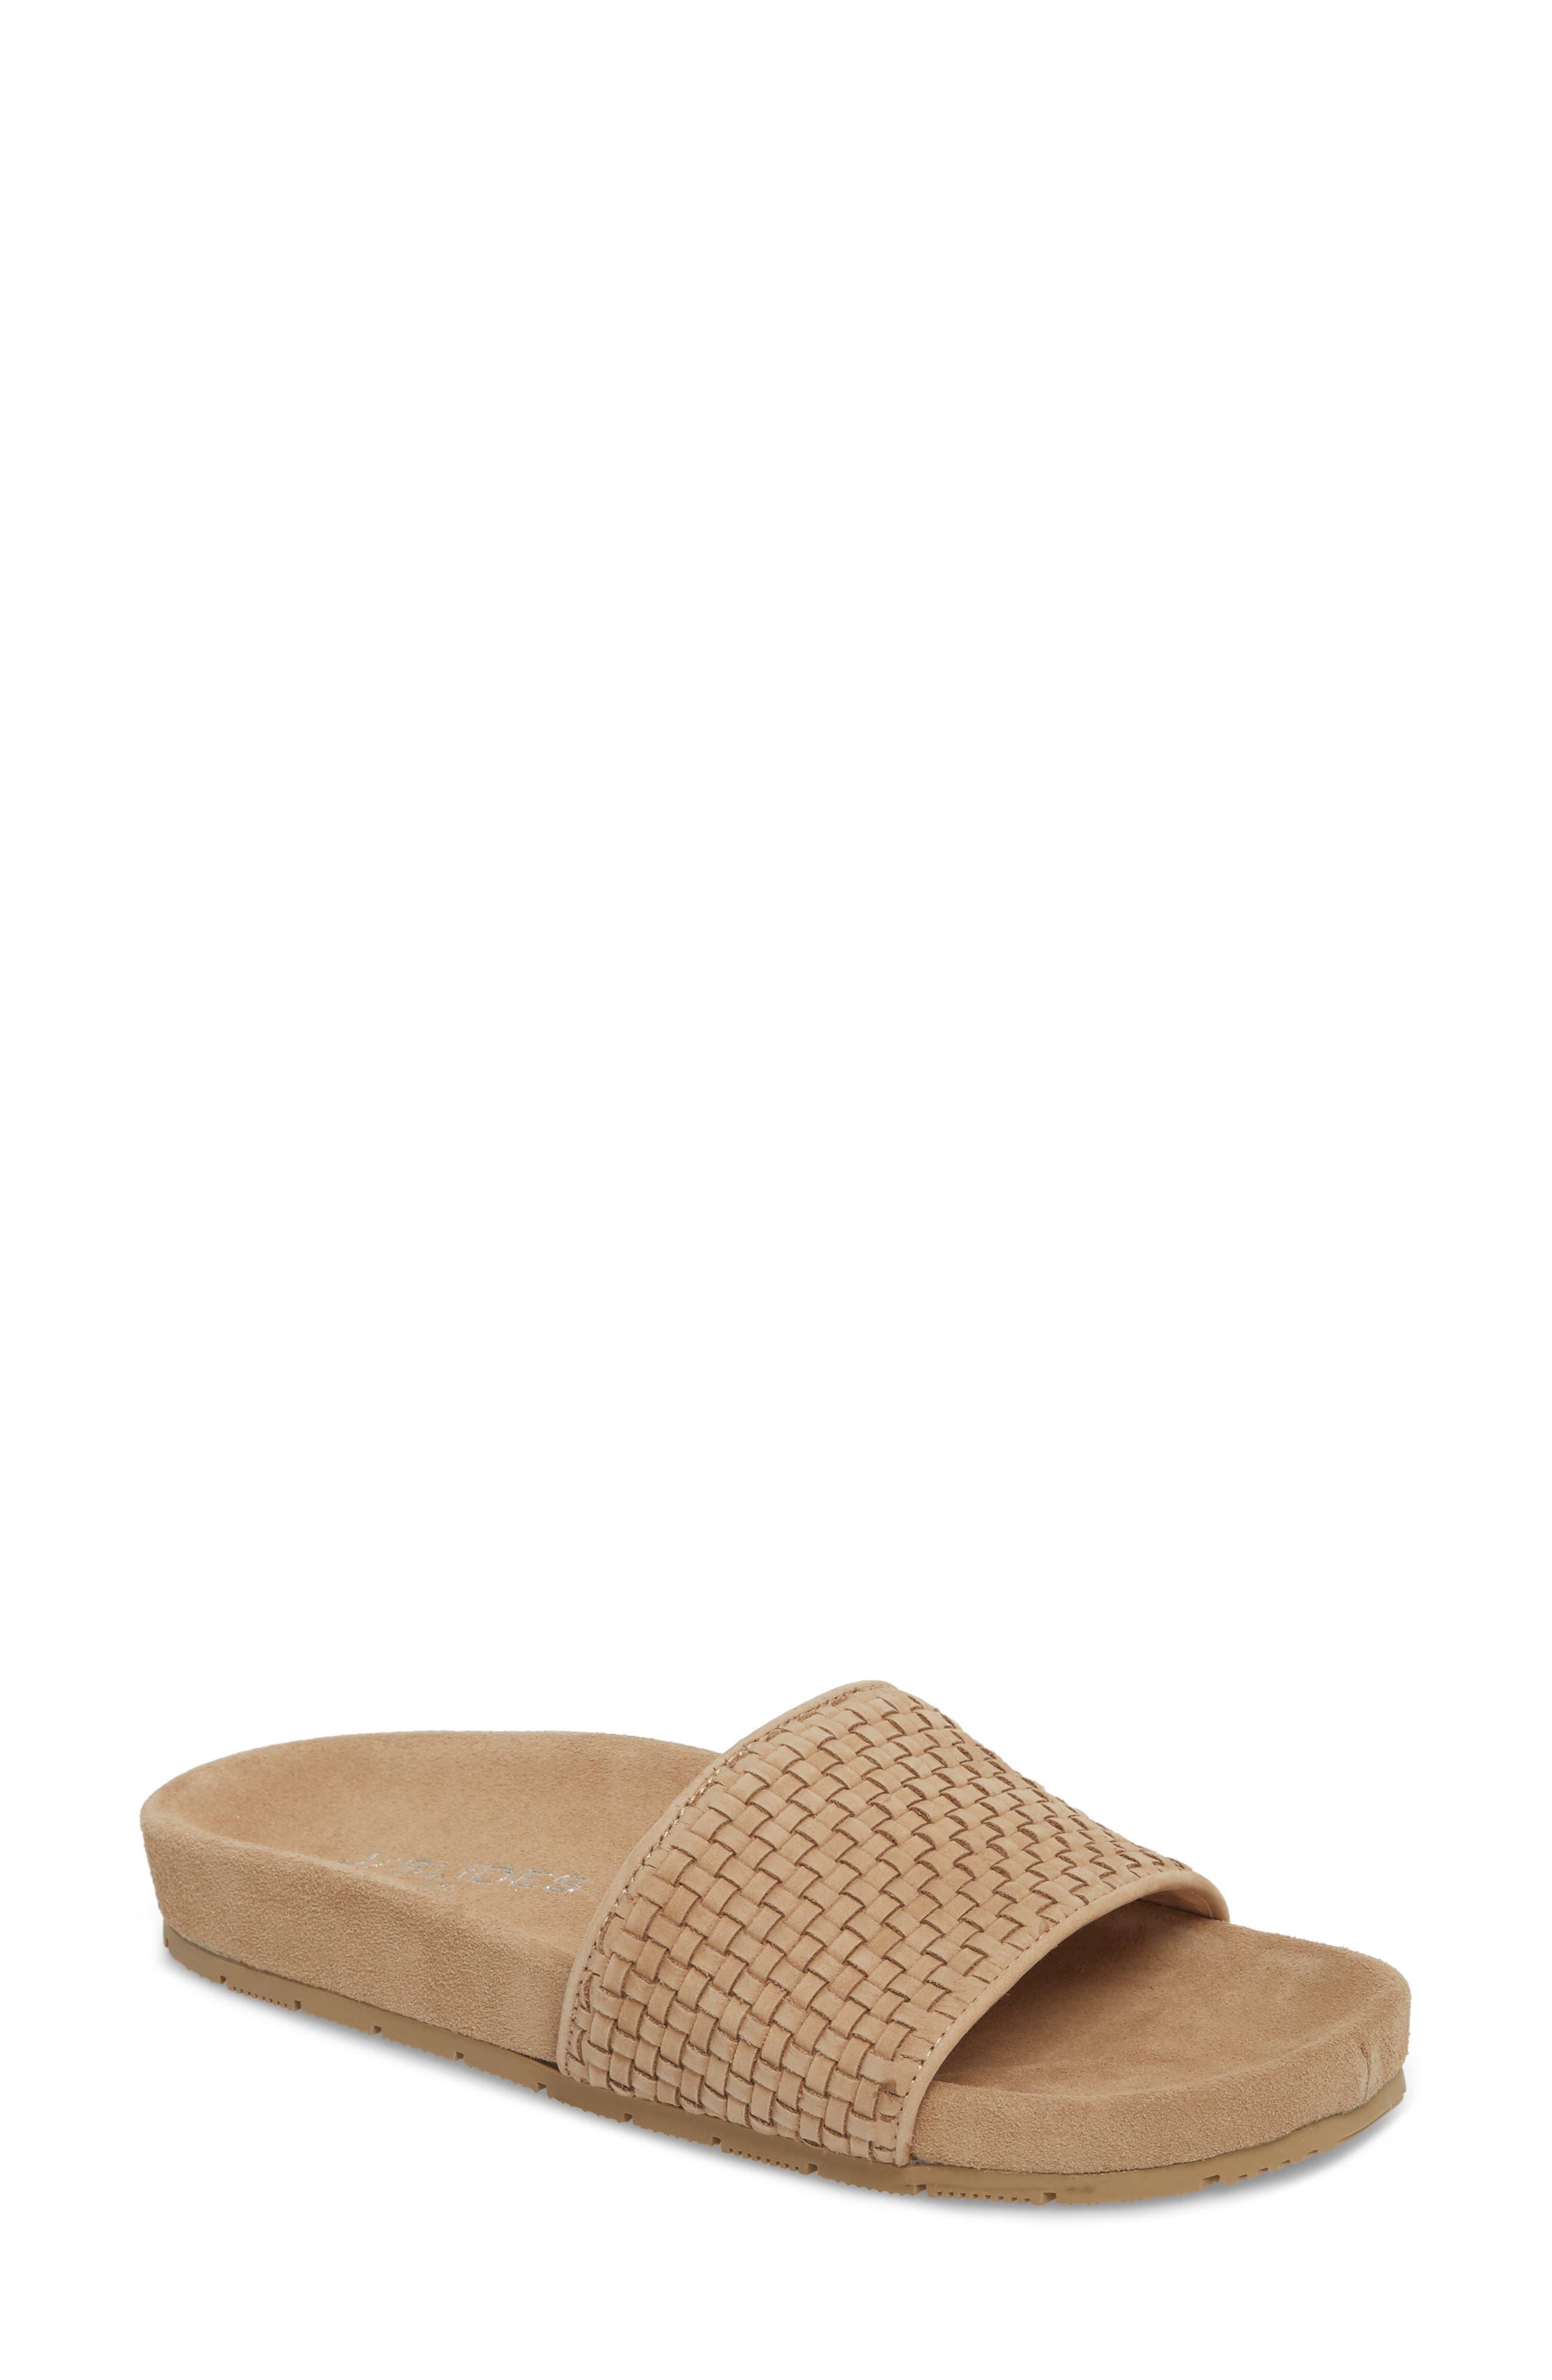 Jslides Naomie Slide Sandal